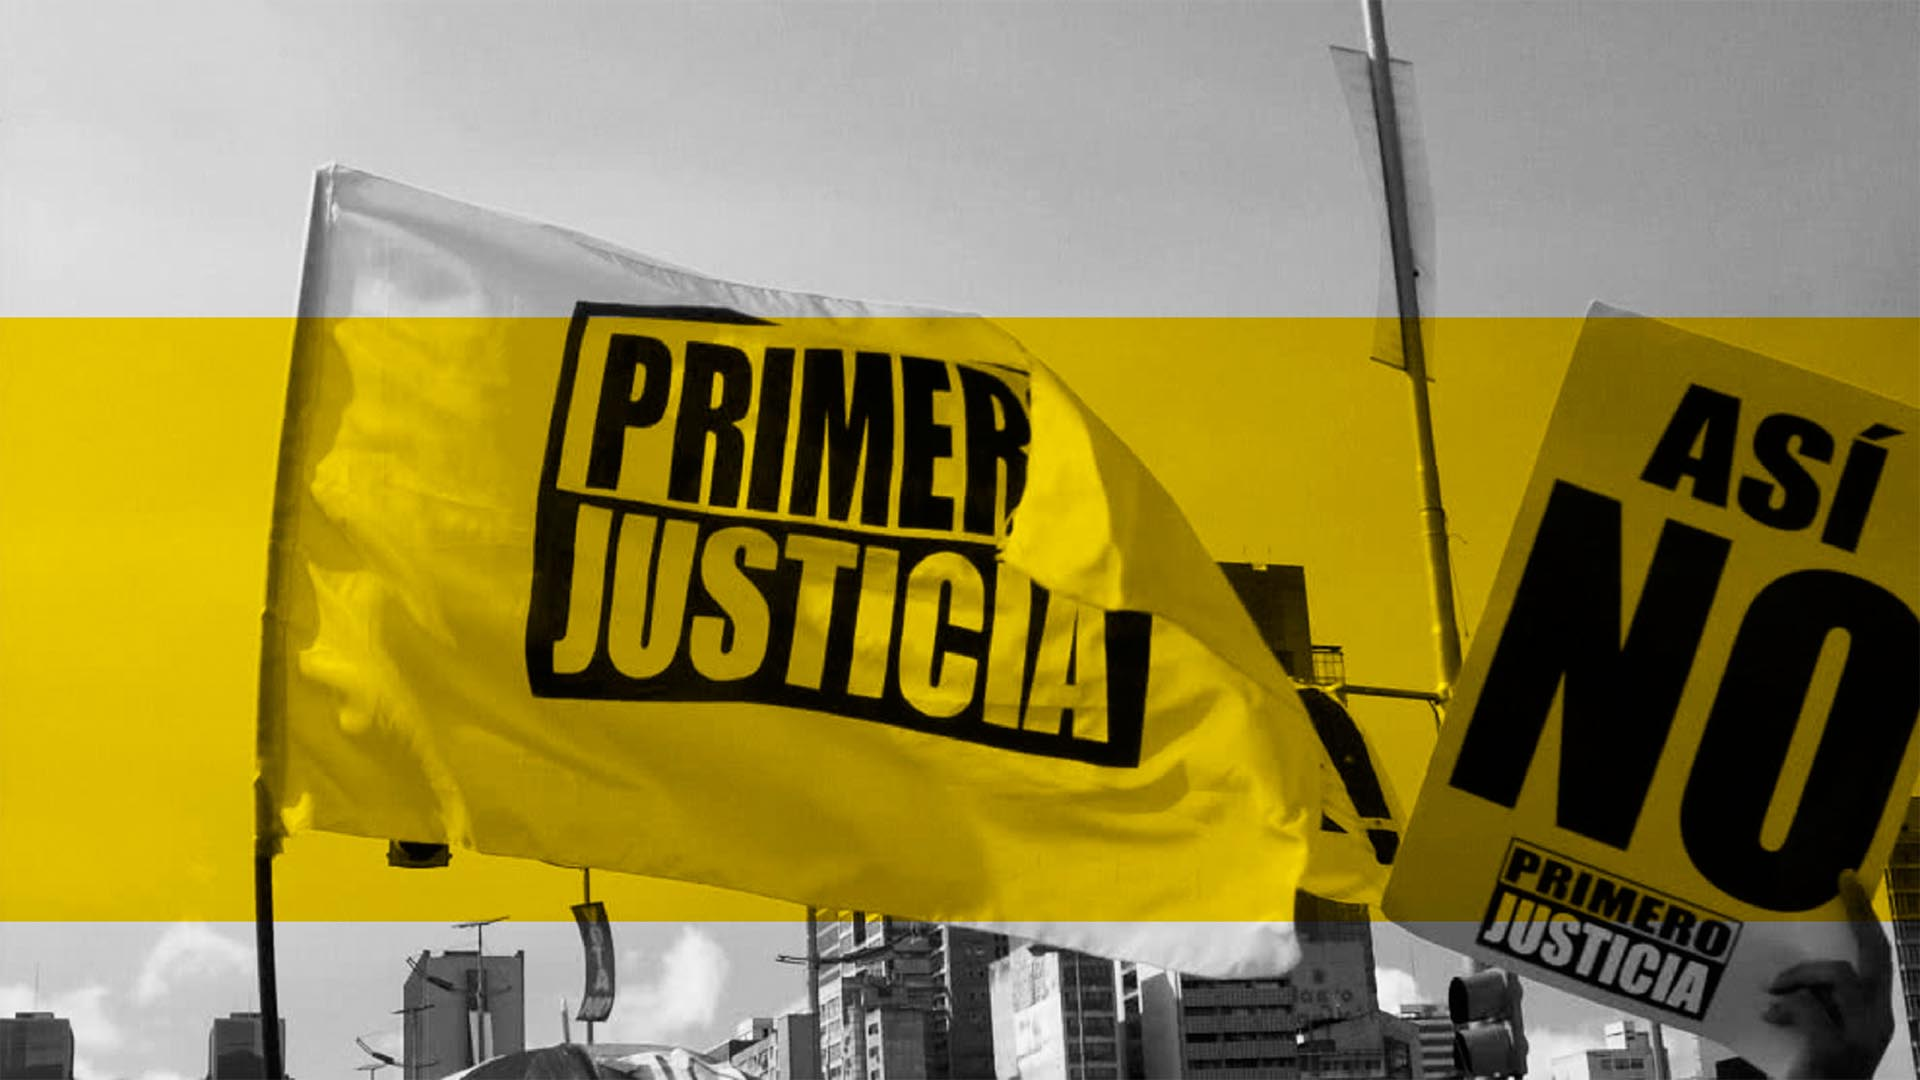 Primero Justicia, como Venezuela, prevalecerá, por Roberto Patiño*